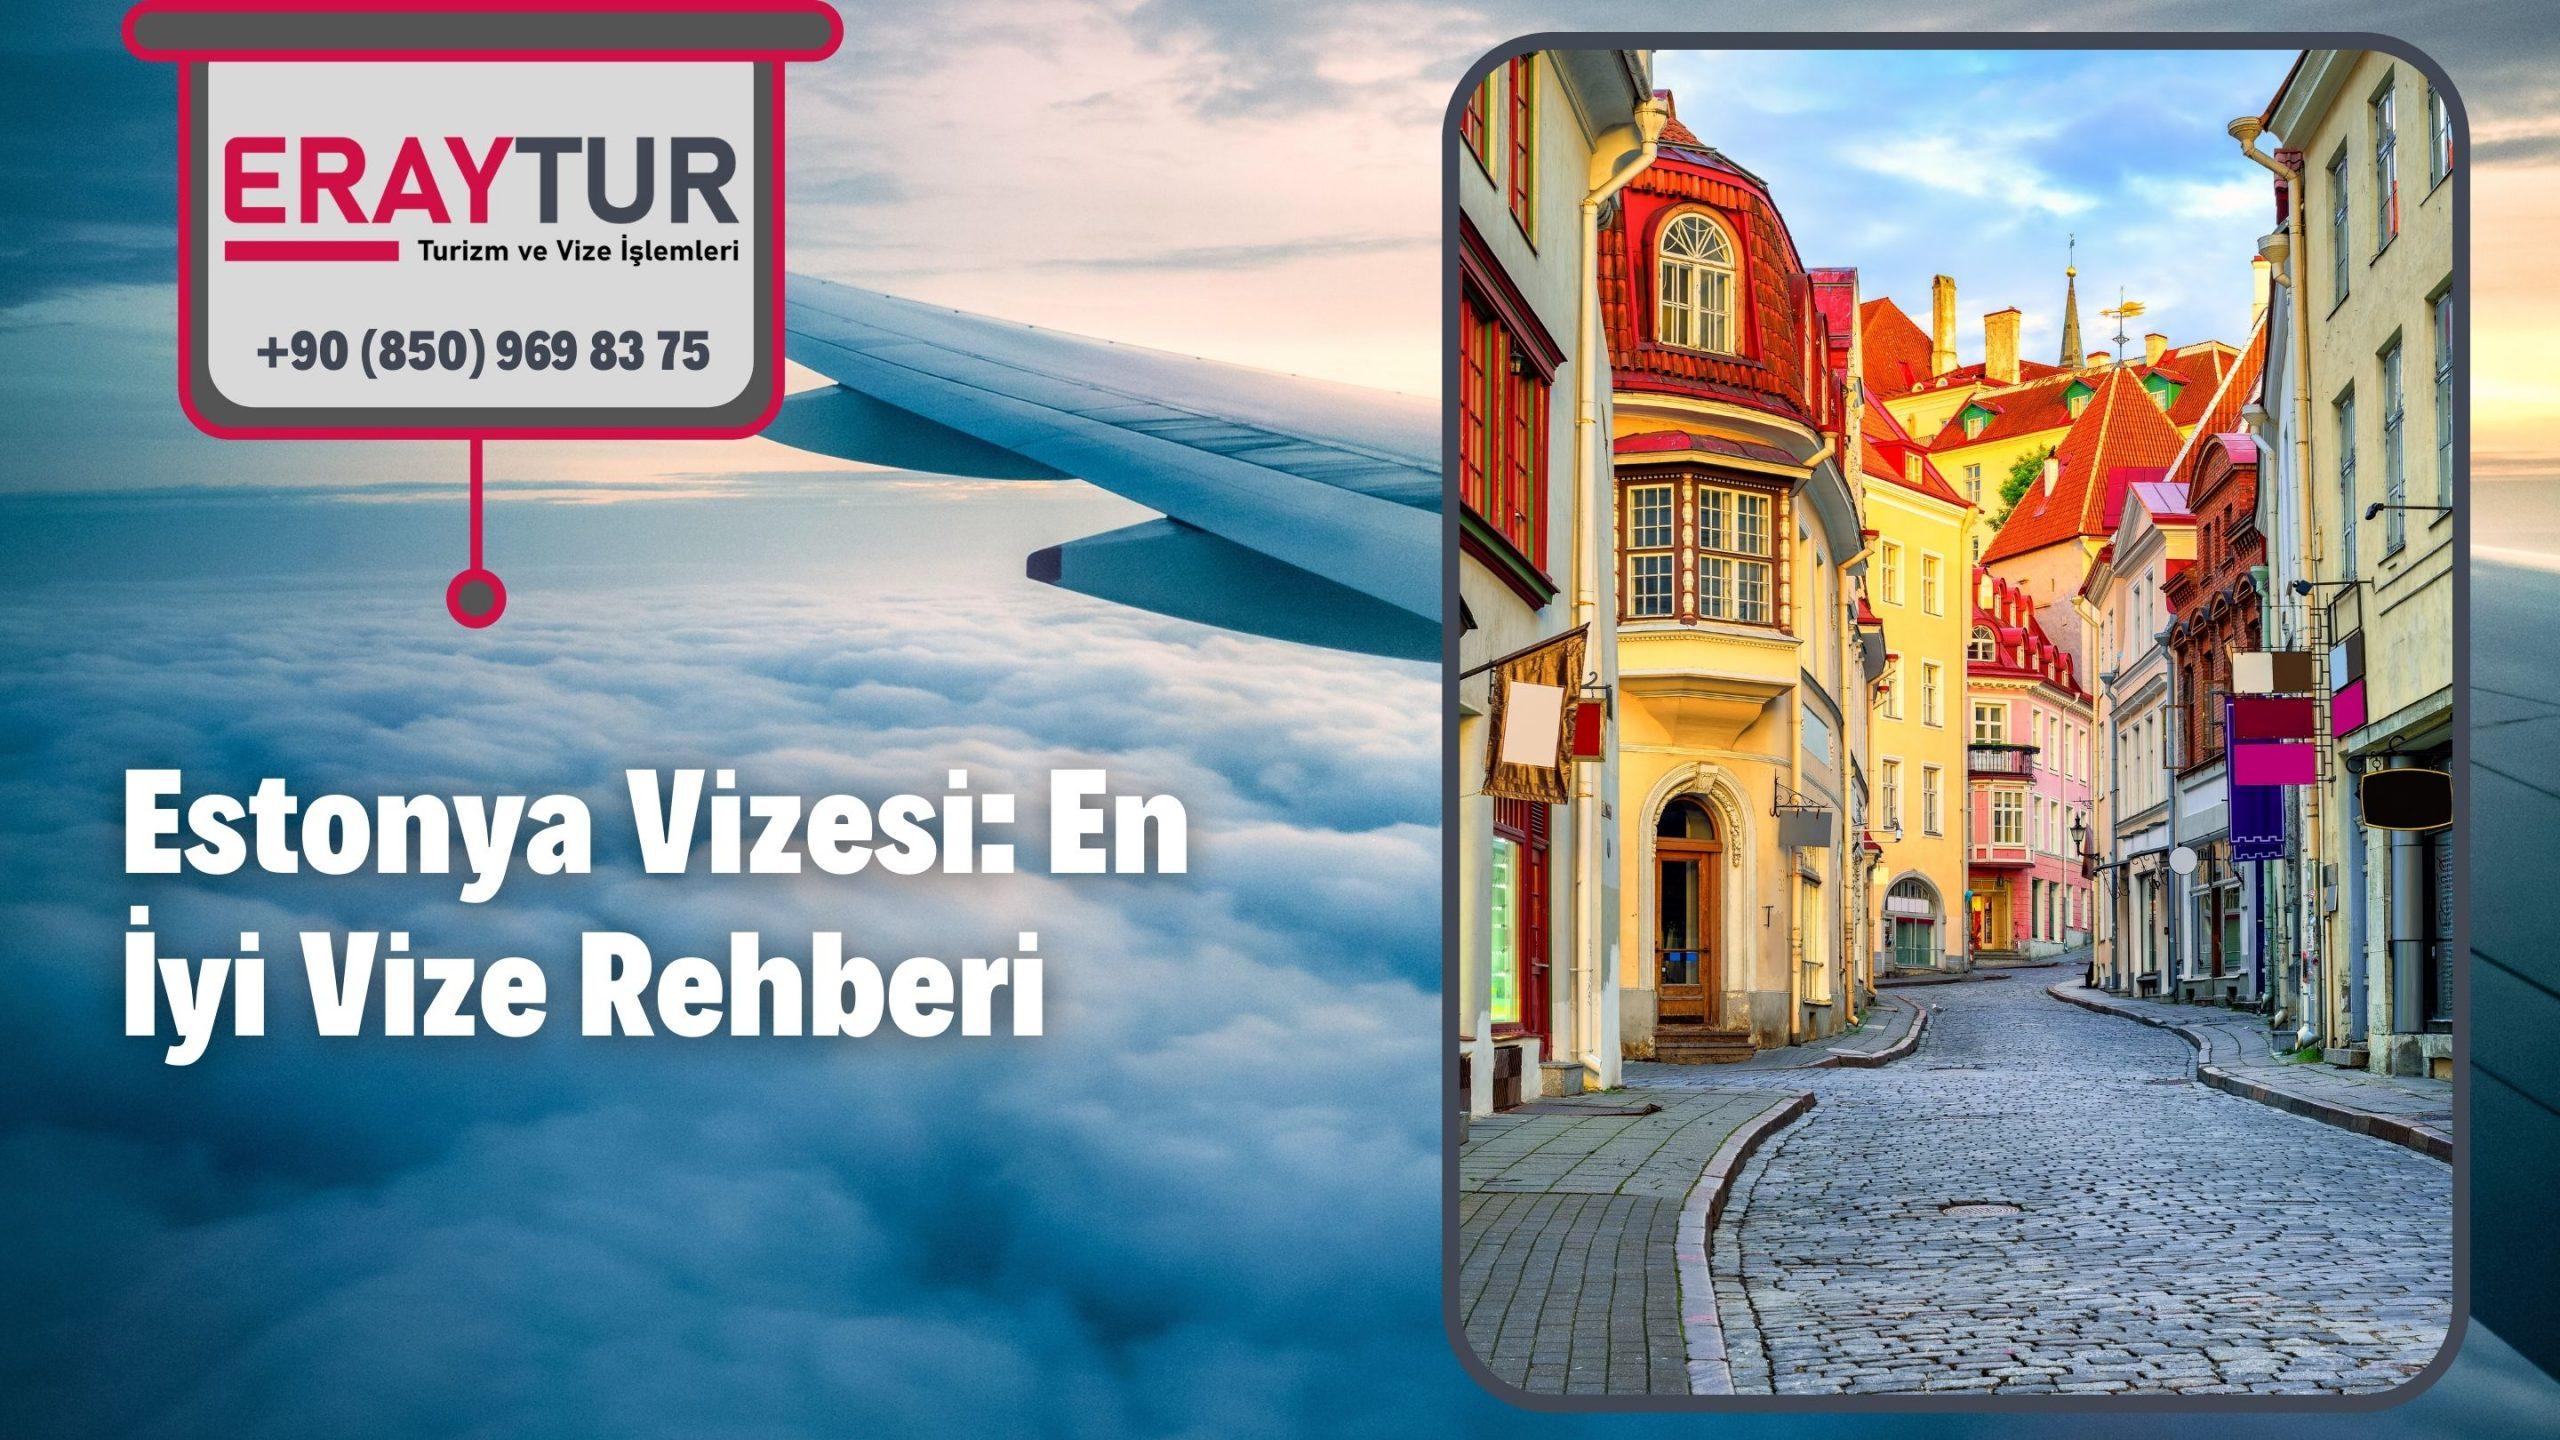 Estonya Vizesi: En İyi Vize Rehberi 2021